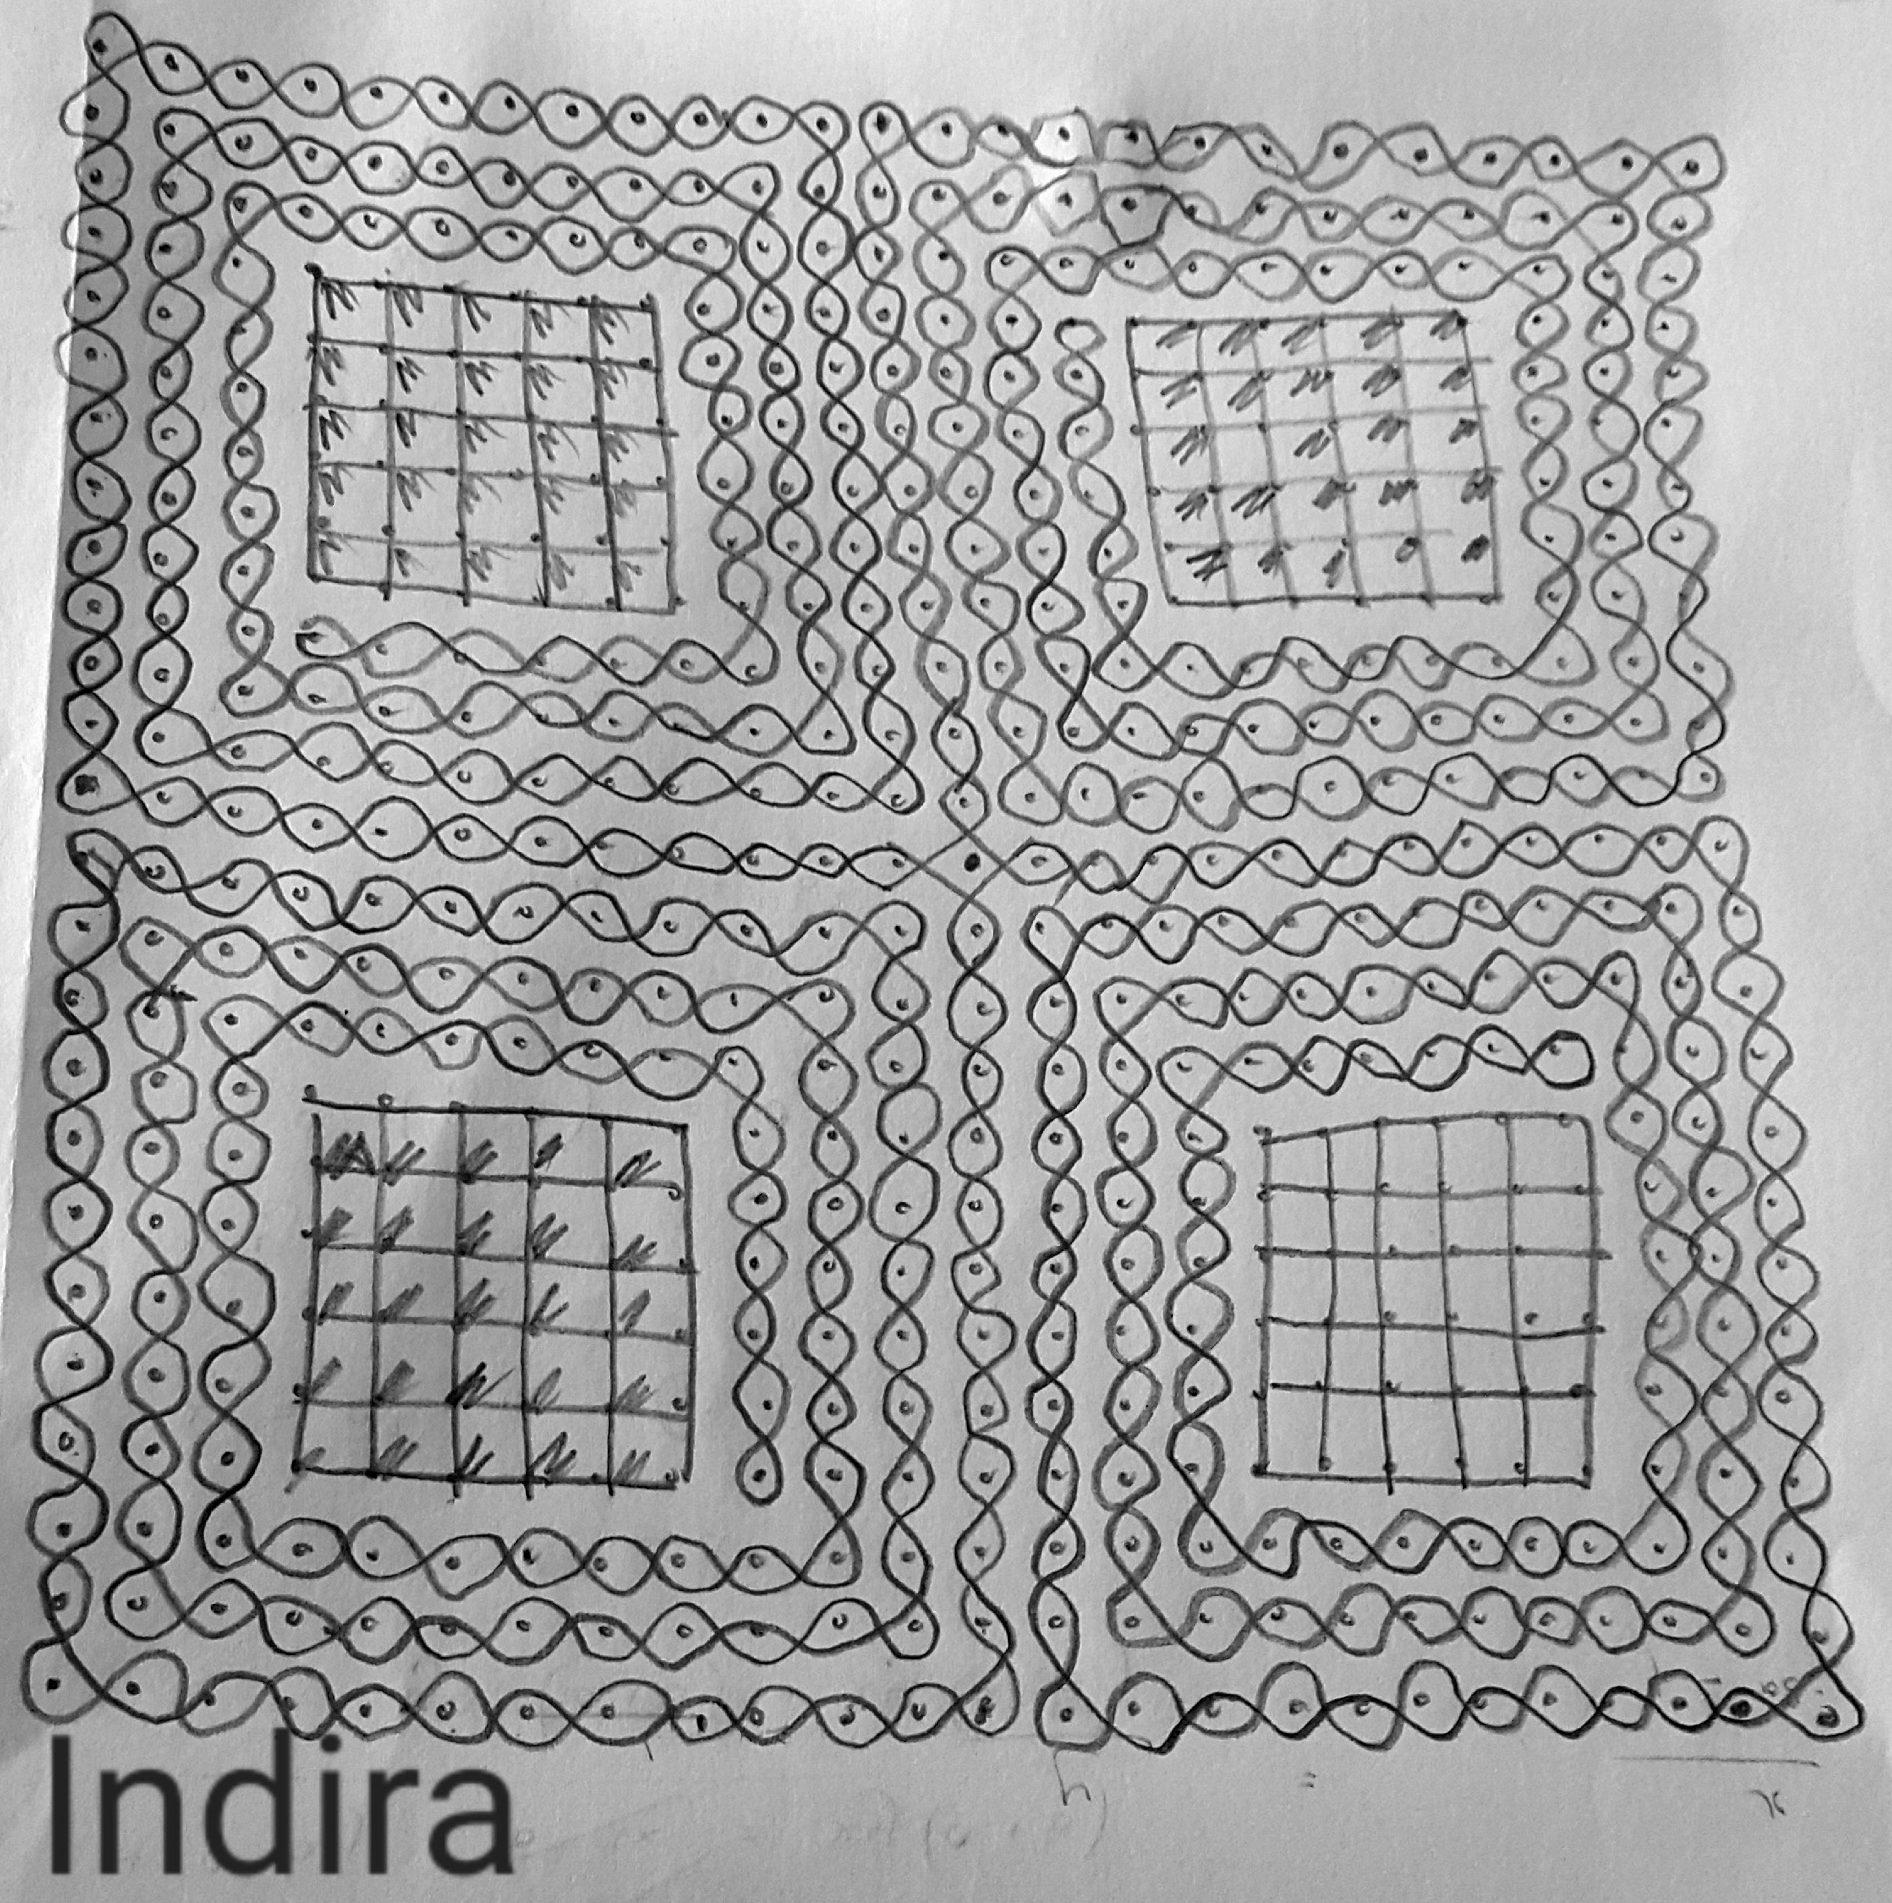 25 dots sikku kolam || 25x25 dots Square chikku kolam for contest